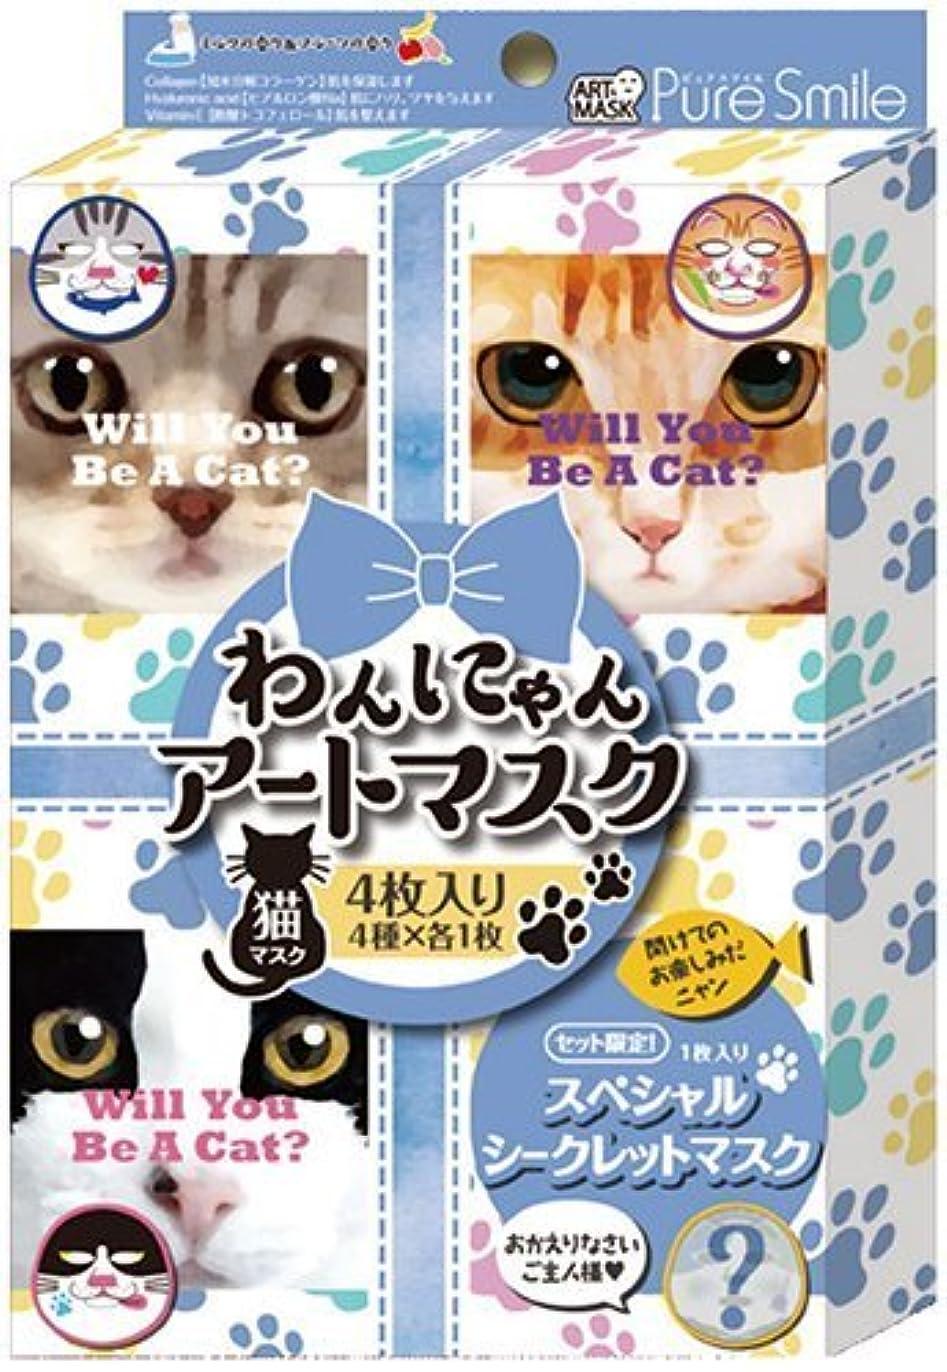 甘やかす大洪水覚醒ピュアスマイル わんにゃんシリーズアートマスク ニャンコ(猫)4枚入りお得なBOXセット(全4種類各1枚入り)